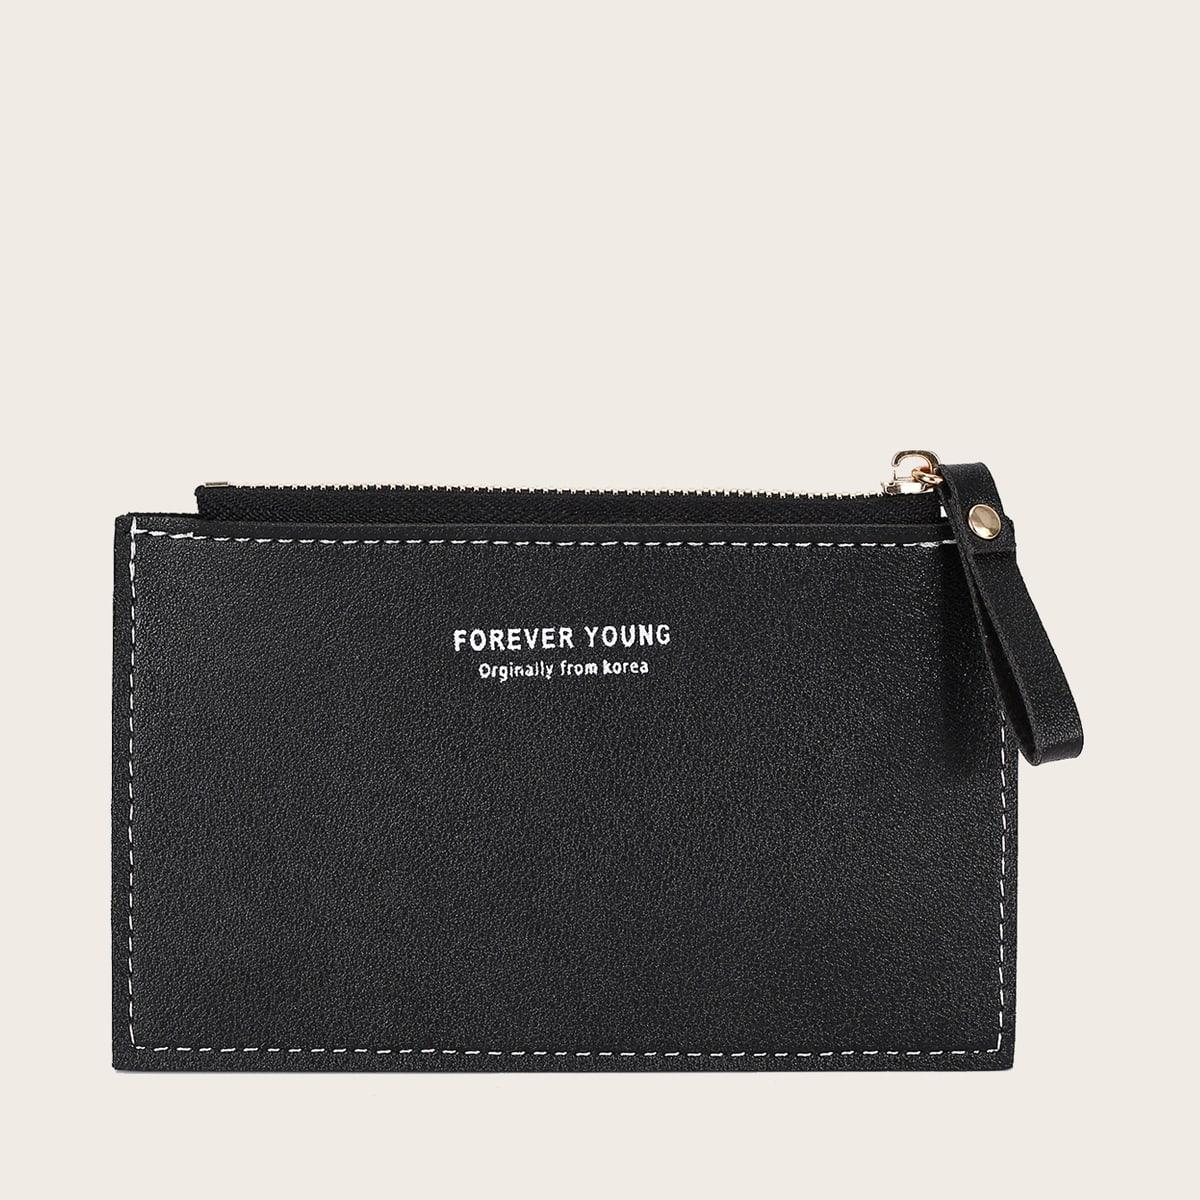 Короткий кошелек с текстовым принтом для девочек